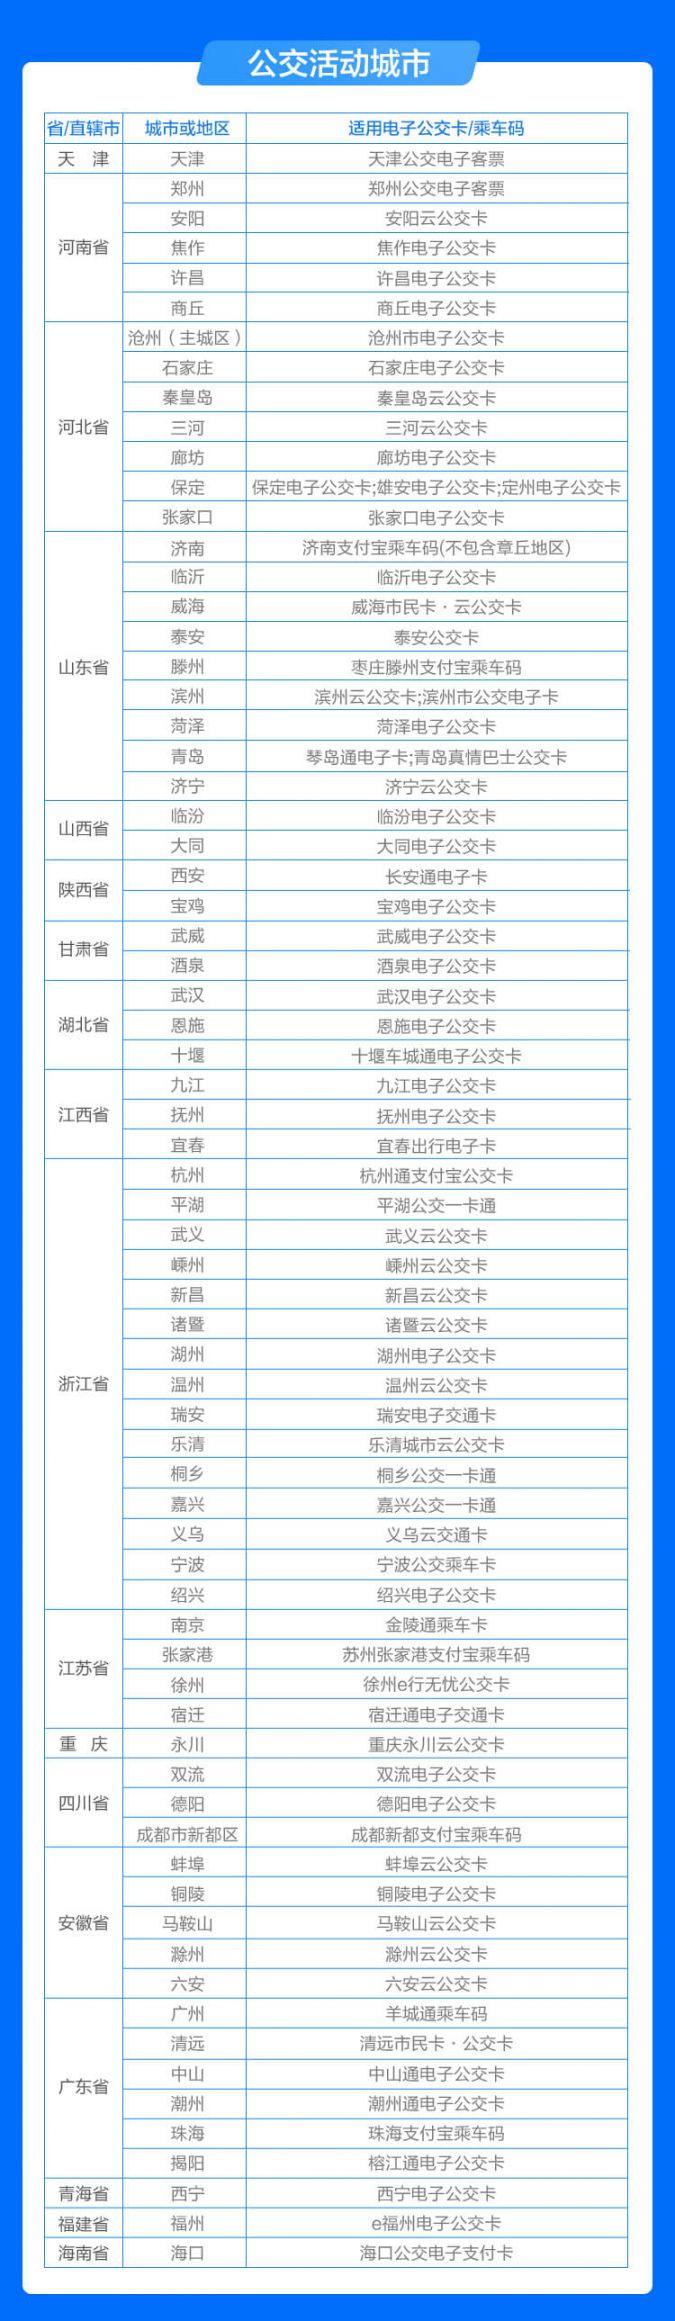 2018南京支付宝公交5折周卡活动城市一览